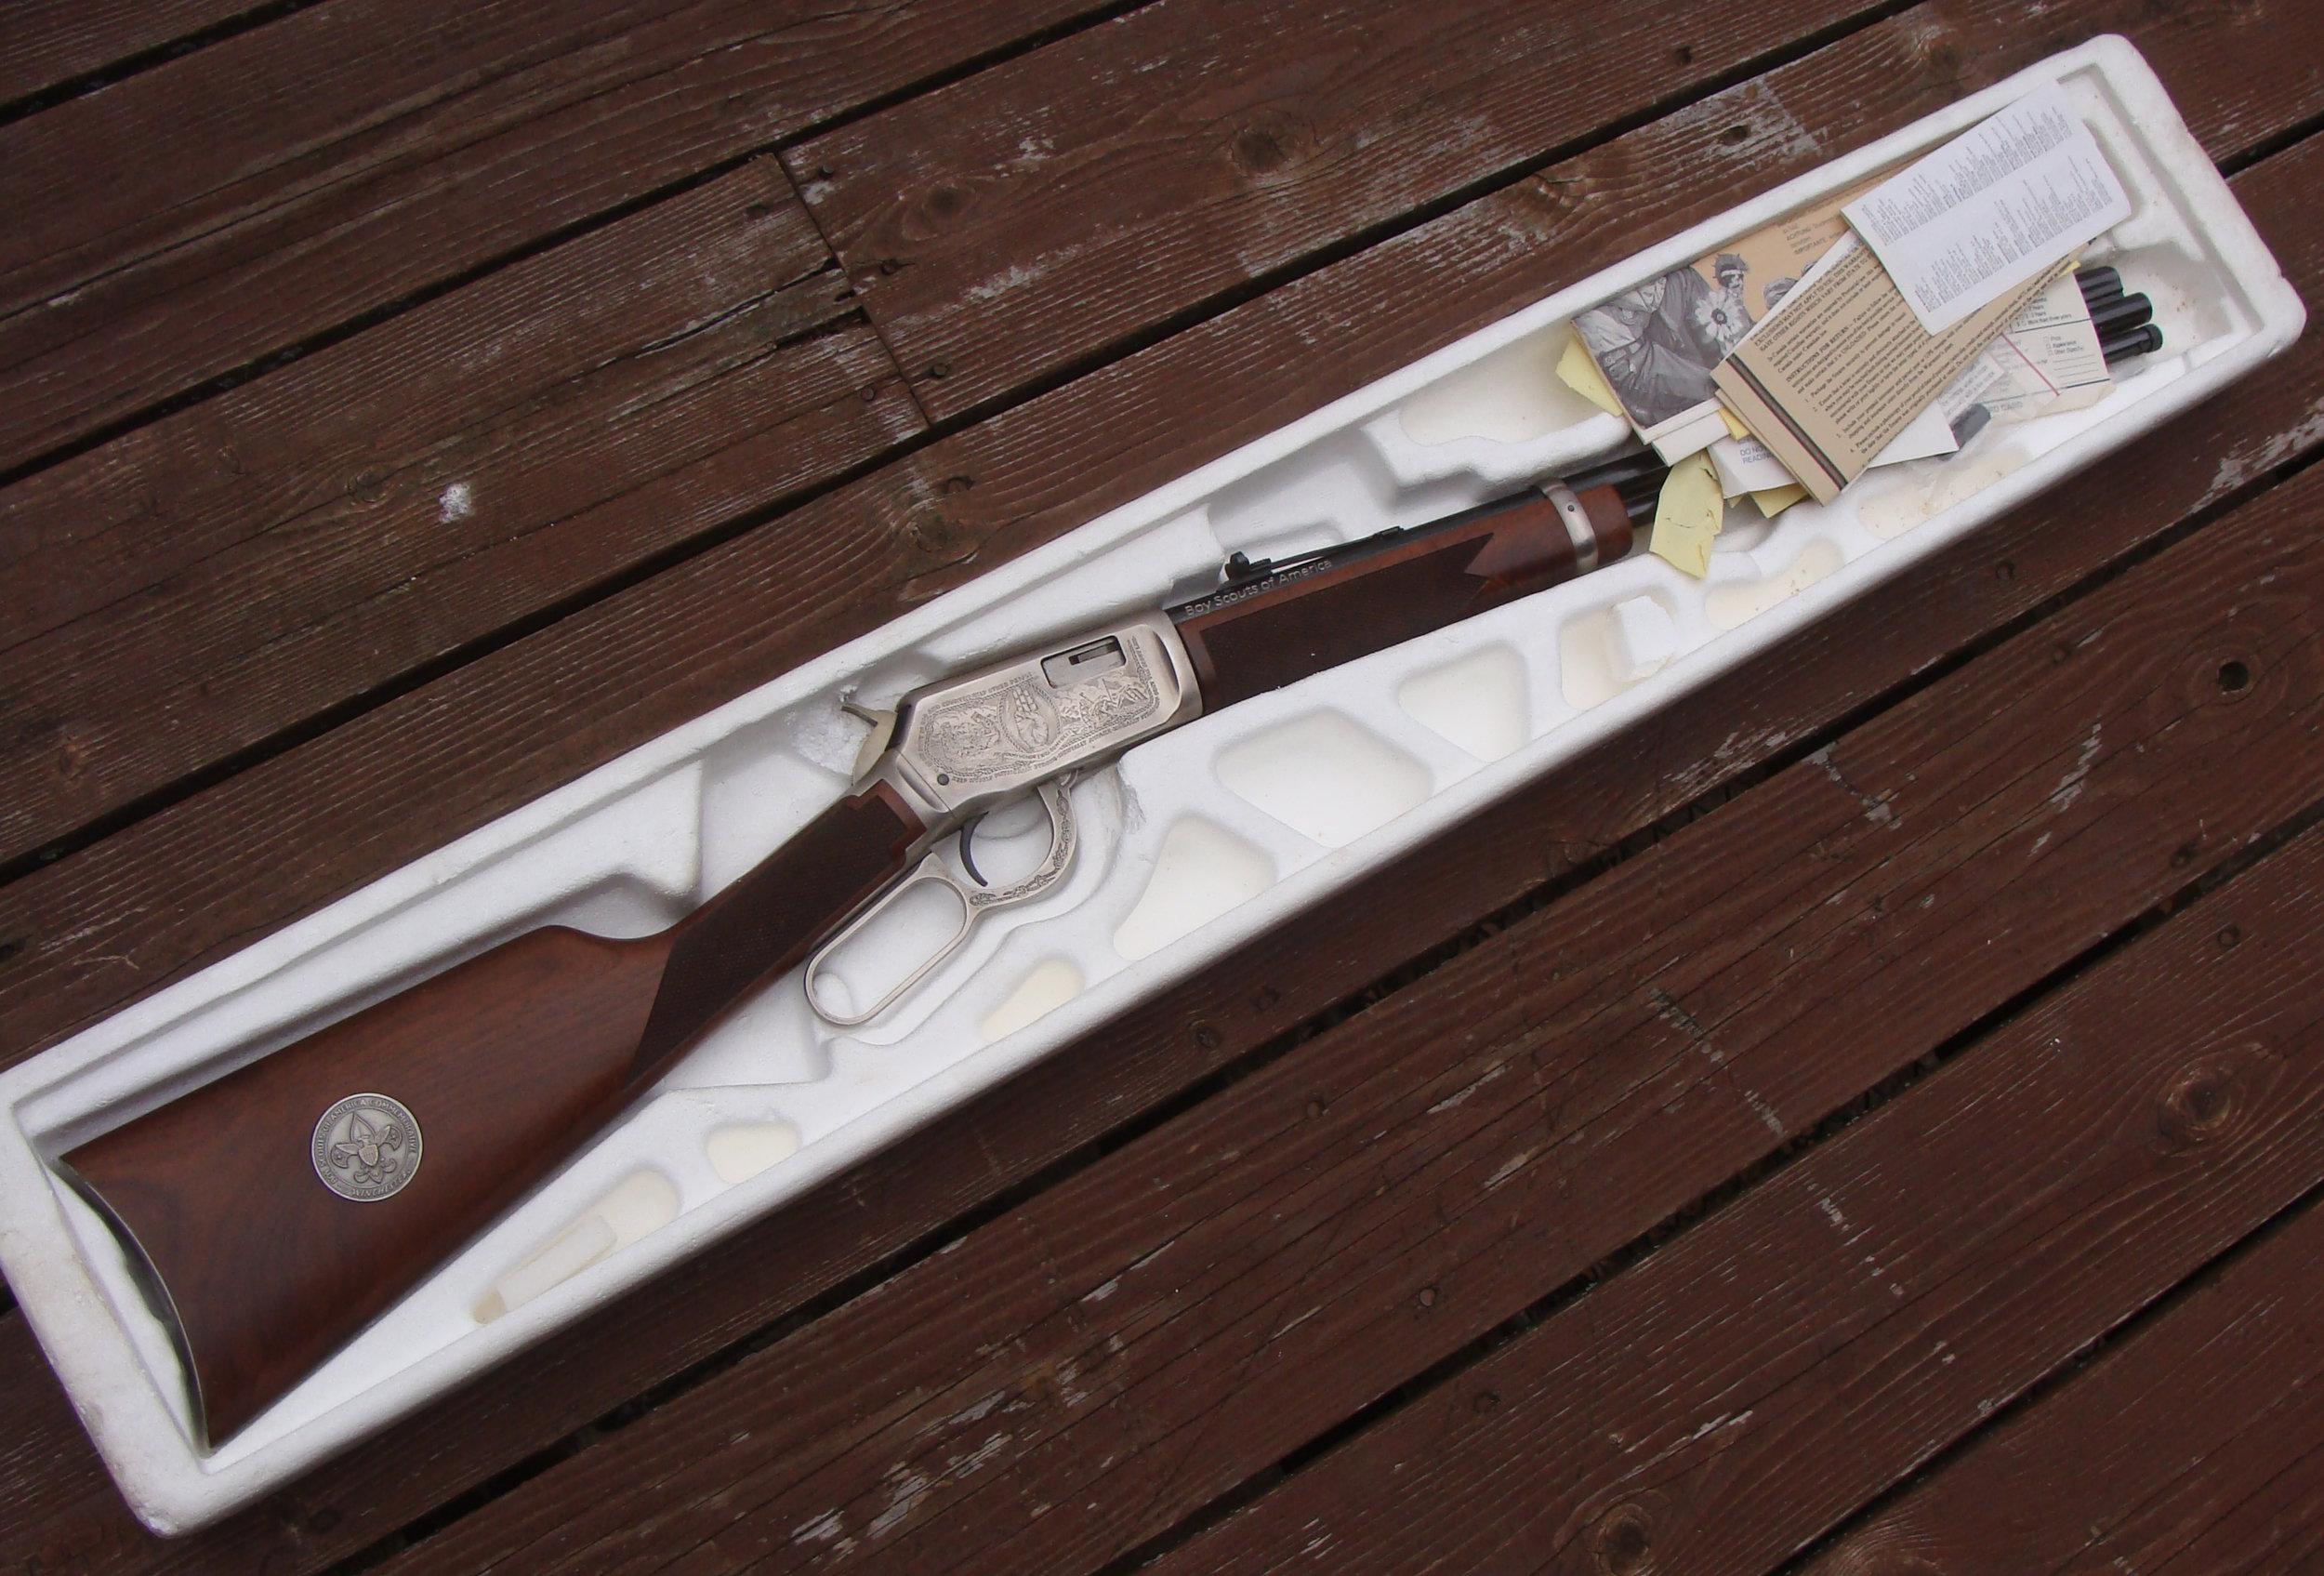 Winchester 94/22 Boy Scouts of America Edition - Rare